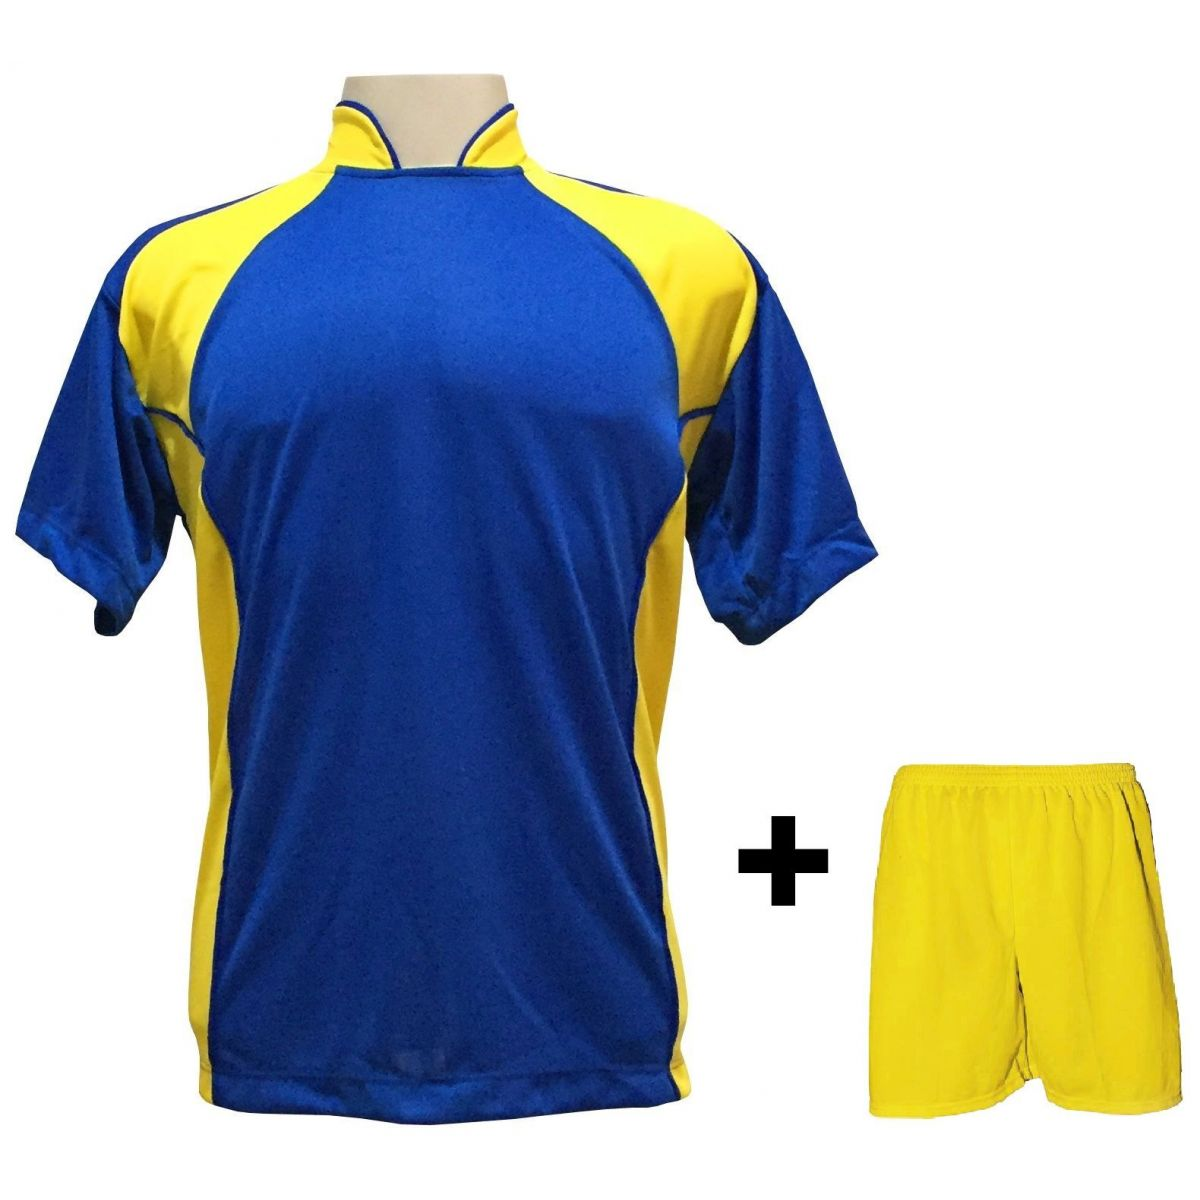 Uniforme Esportivo - Jogo de Camisa modelo Suécia Royal Amarelo + Calção  Amarelo com 14 peças - Frete Grátis Brasil + Brindes 45bb156adeafd